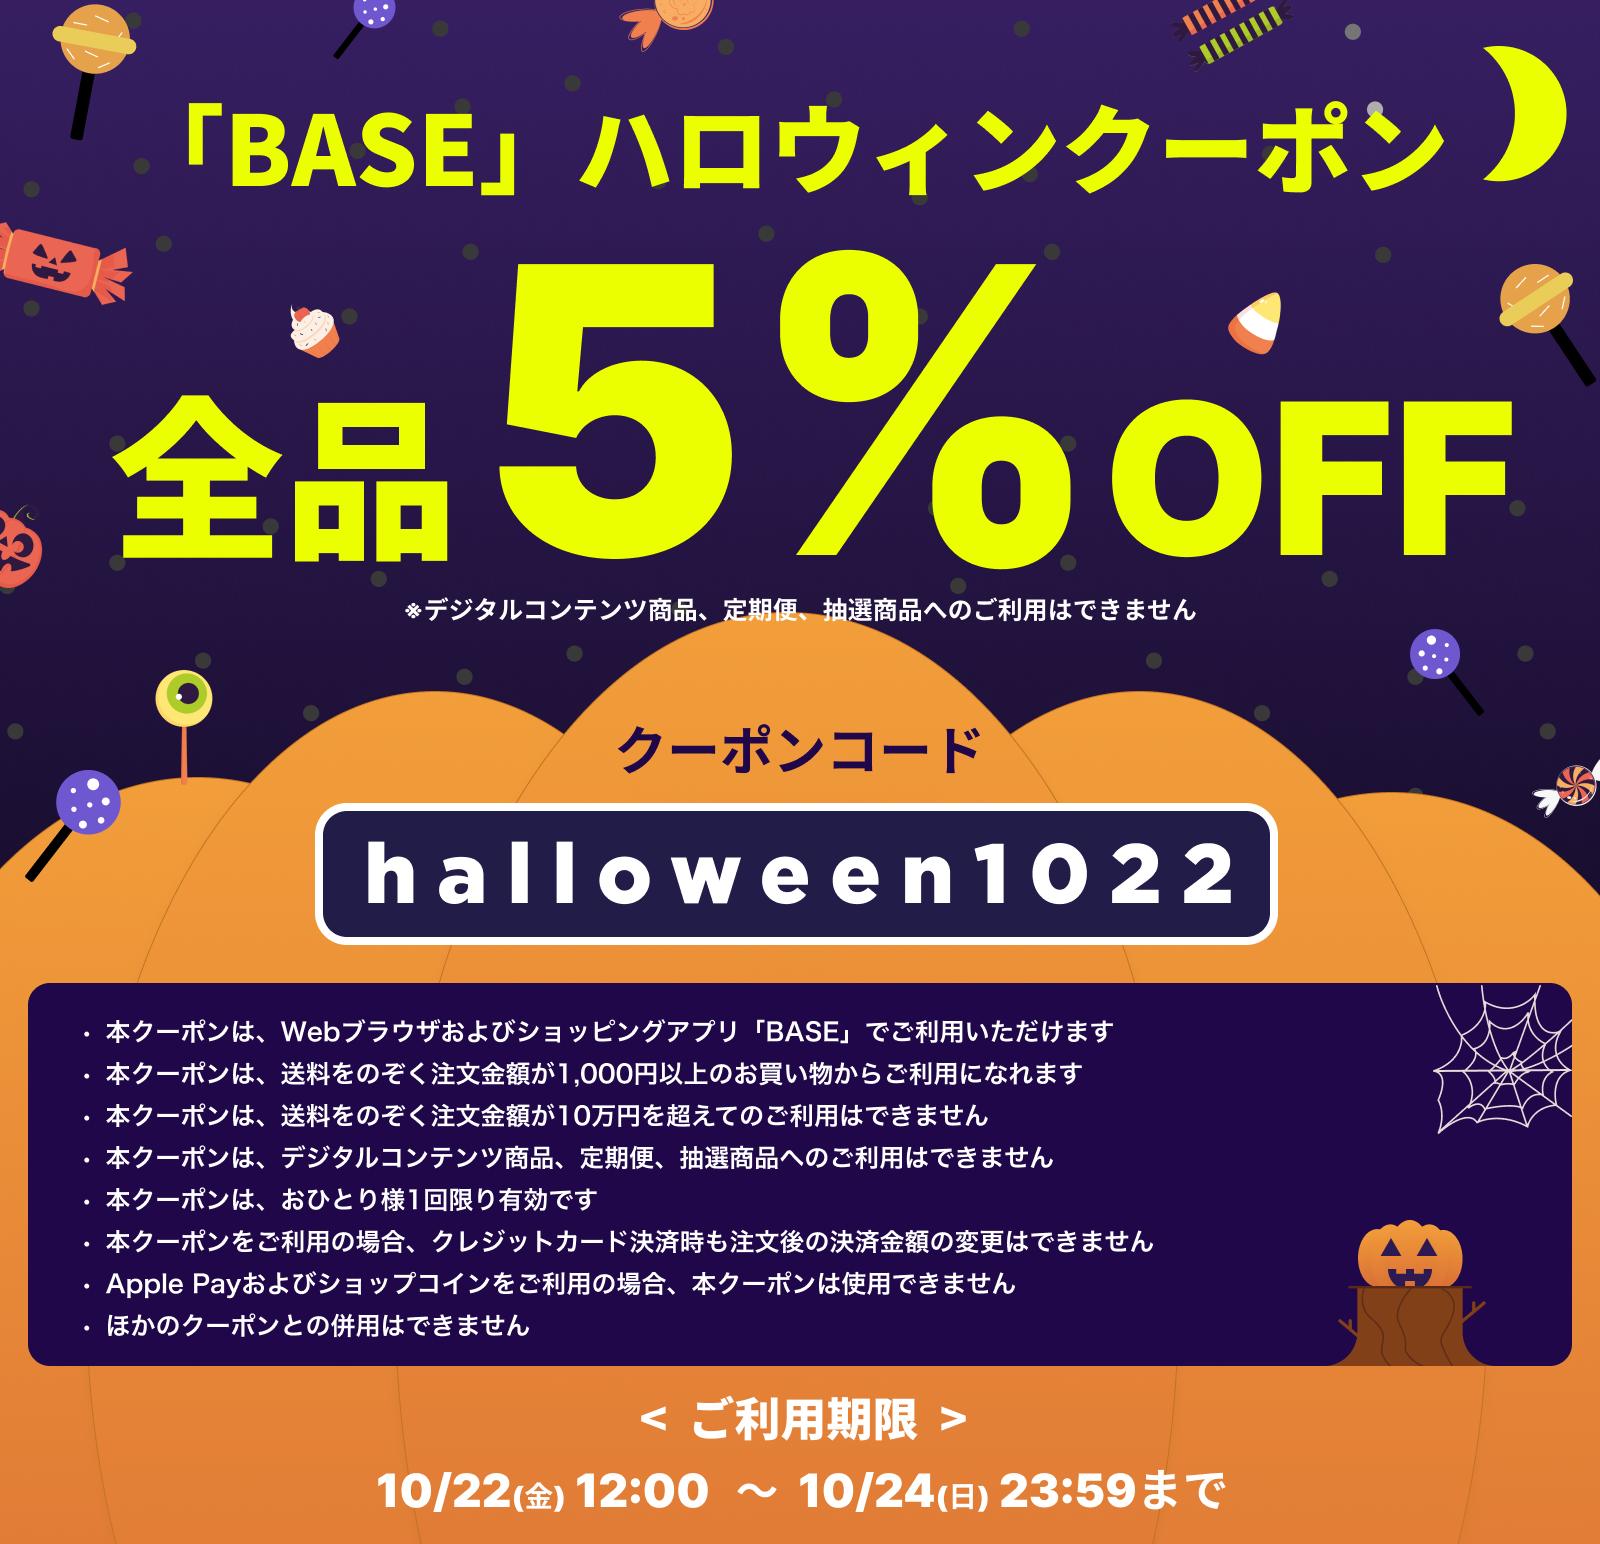 【10/22~10/24期間限定】5%OFFクーポンプレゼント!!🎁